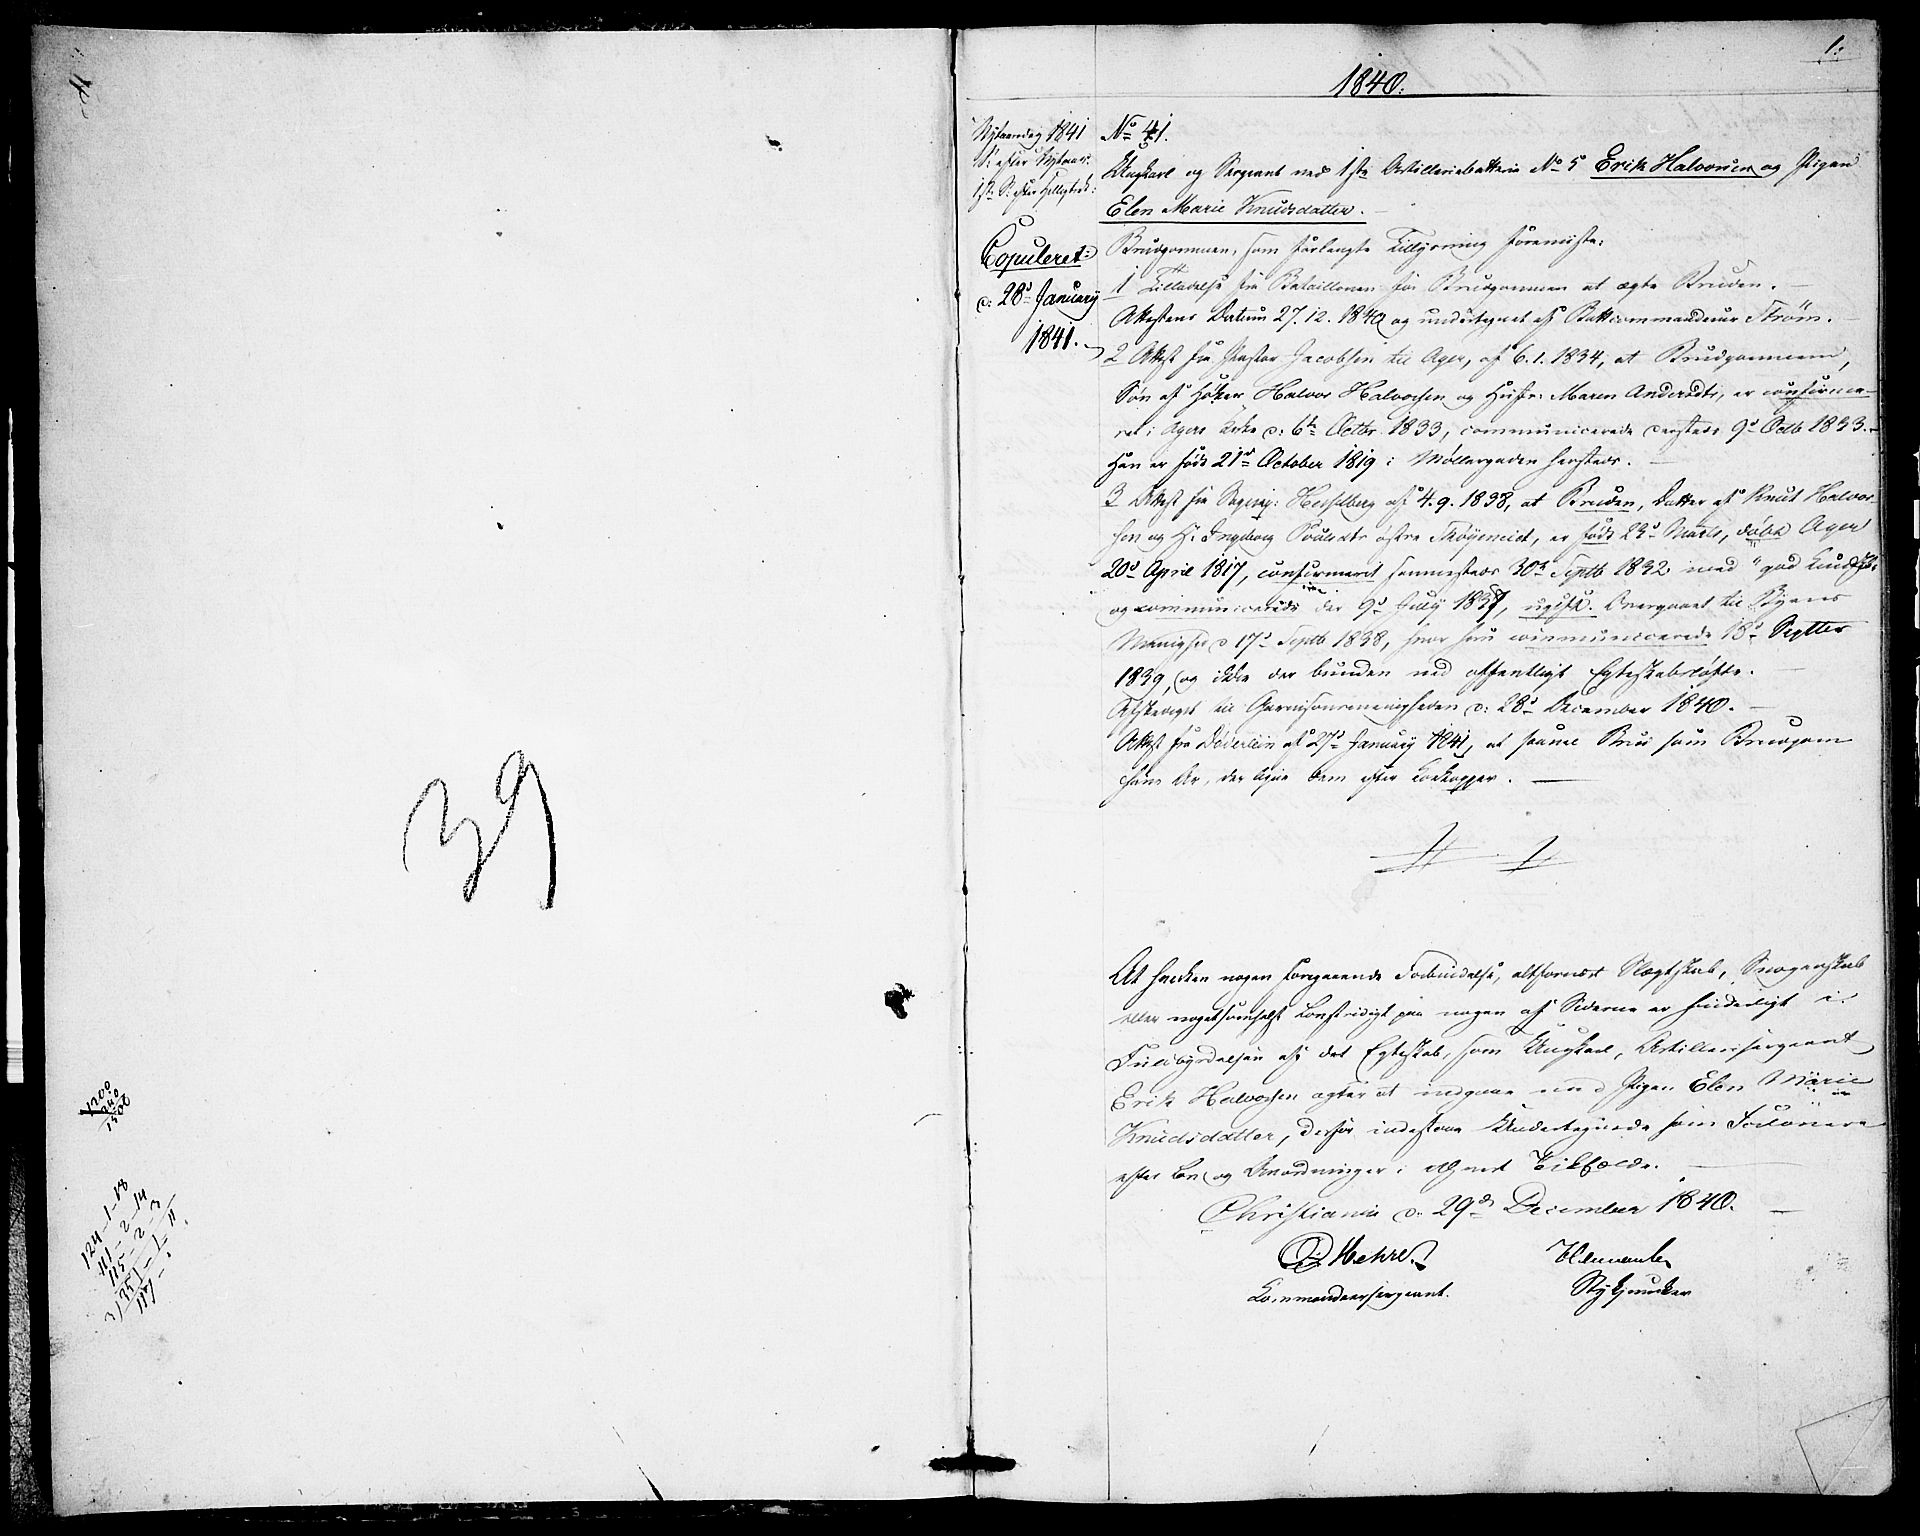 SAO, Garnisonsmenigheten Kirkebøker, H/Ha/L0004: Lysningsprotokoll nr. I 4, 1840-1844, s. 0-1